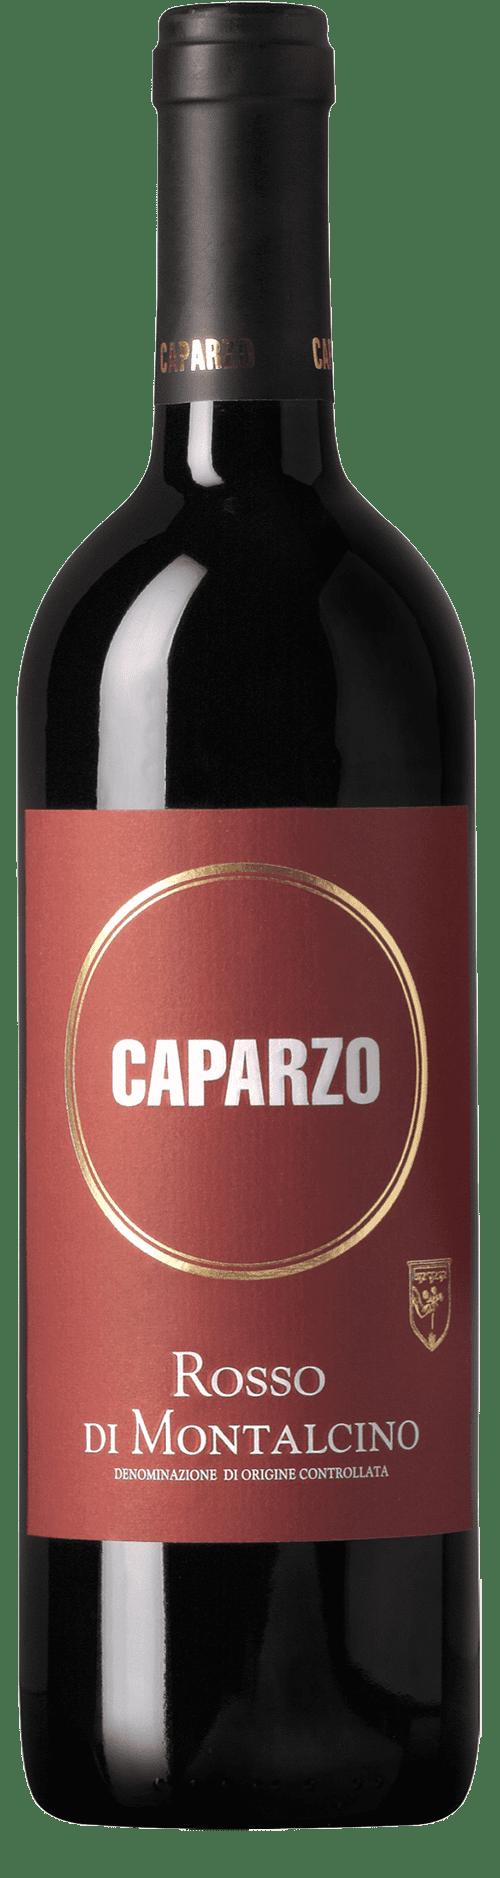 Caparzo Rosso di Montalcino